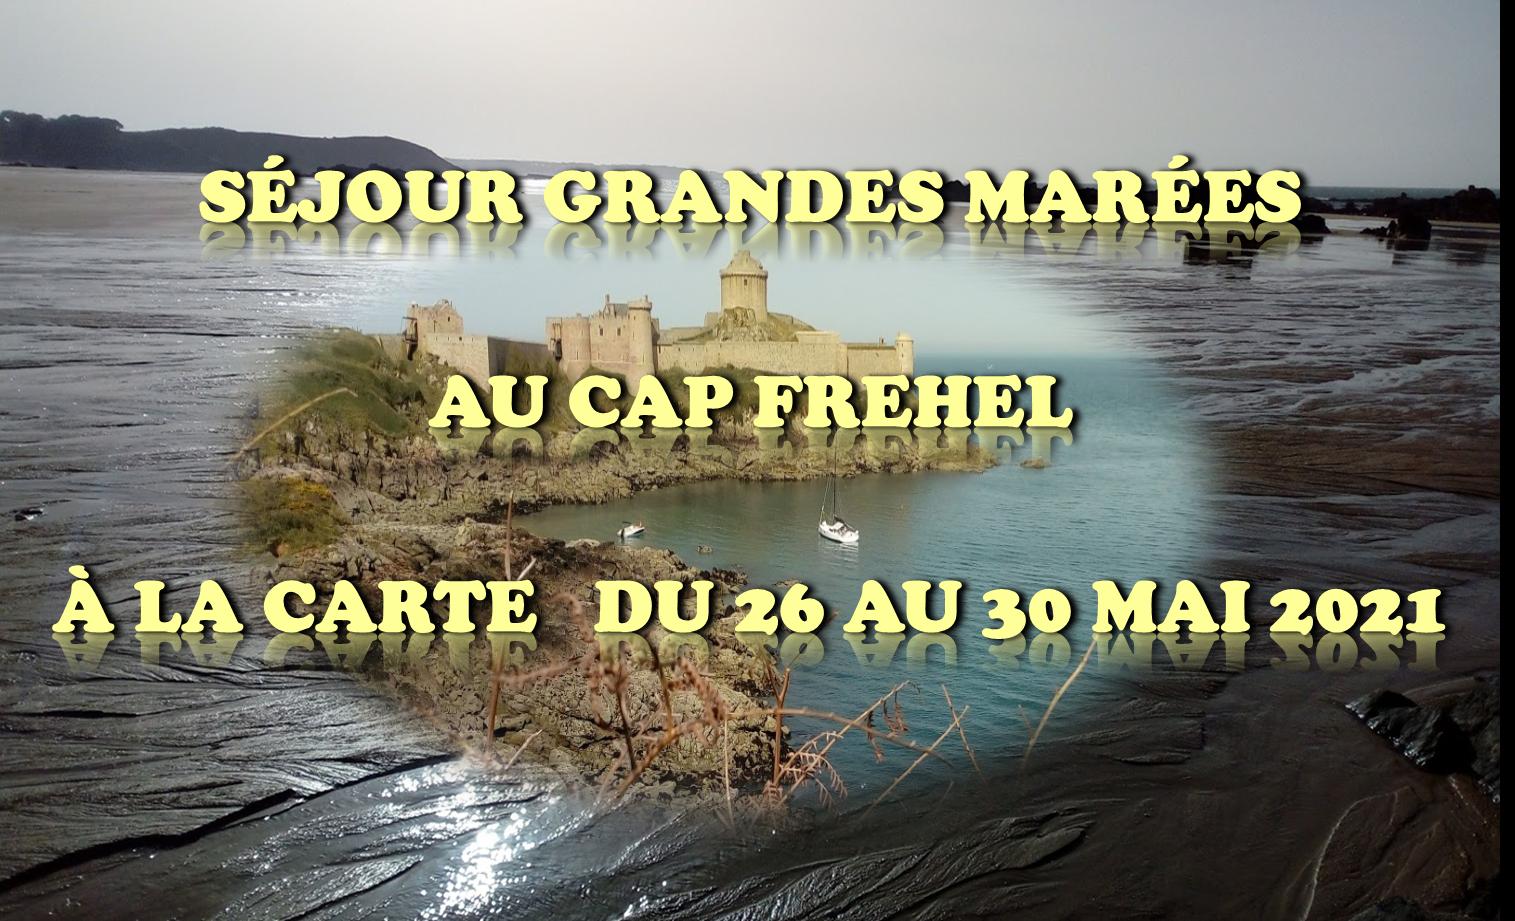 Séjour grandes marées au cap Fréhel 26-30 Mai 2021